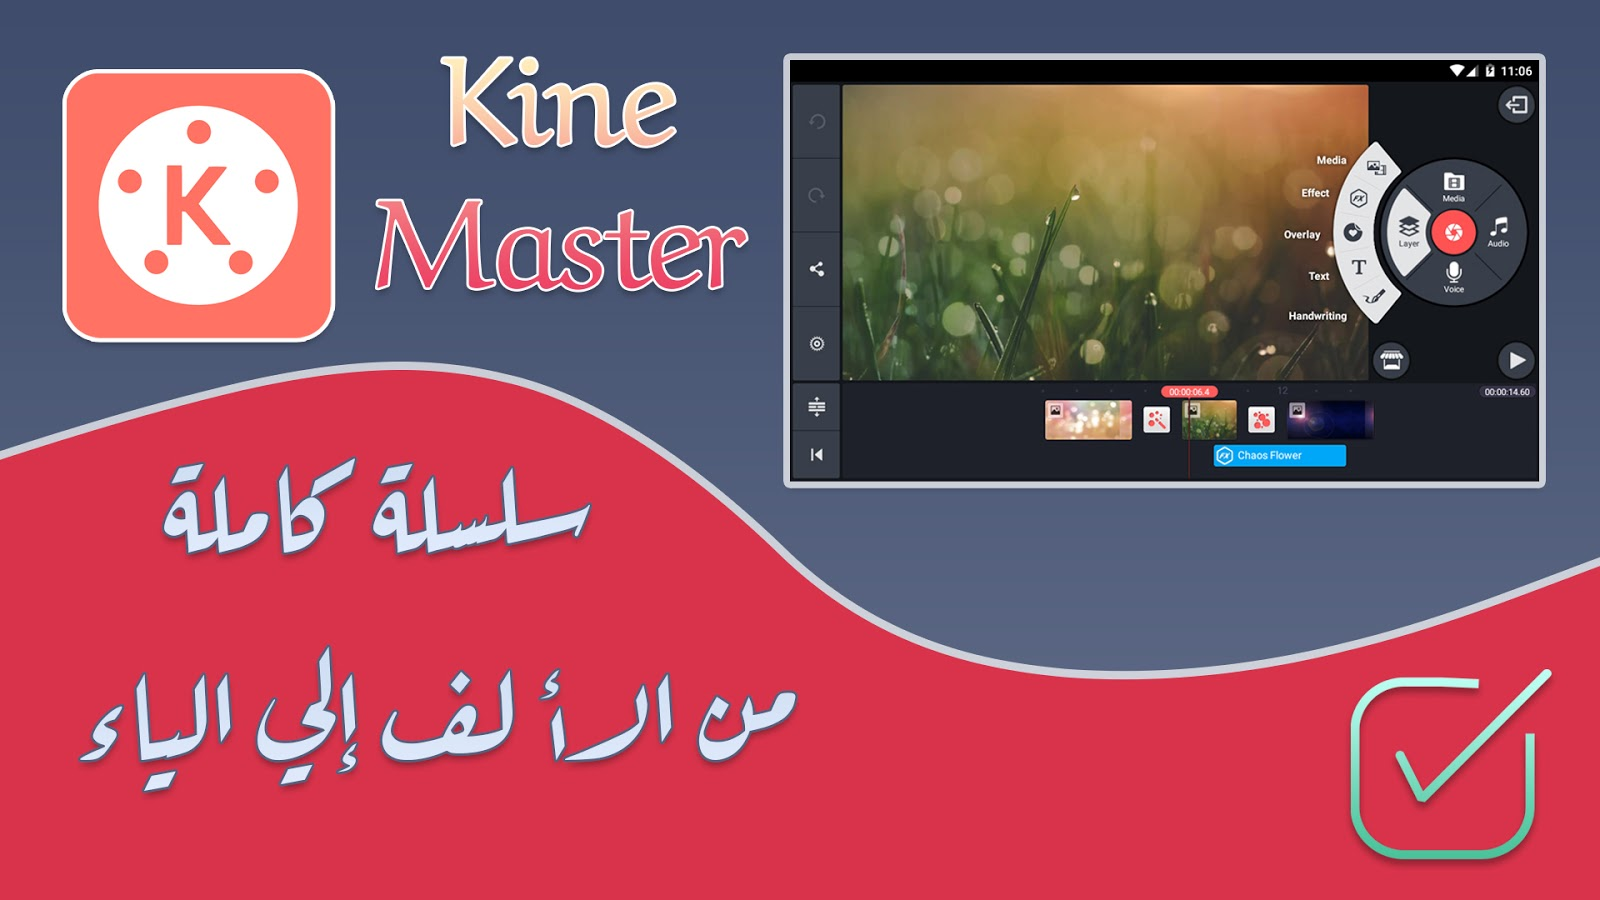 شرح تطبيق كين ماستر للمبتدئين من الألف إلي الياء - احترف Kinemaster واصنع افلامك